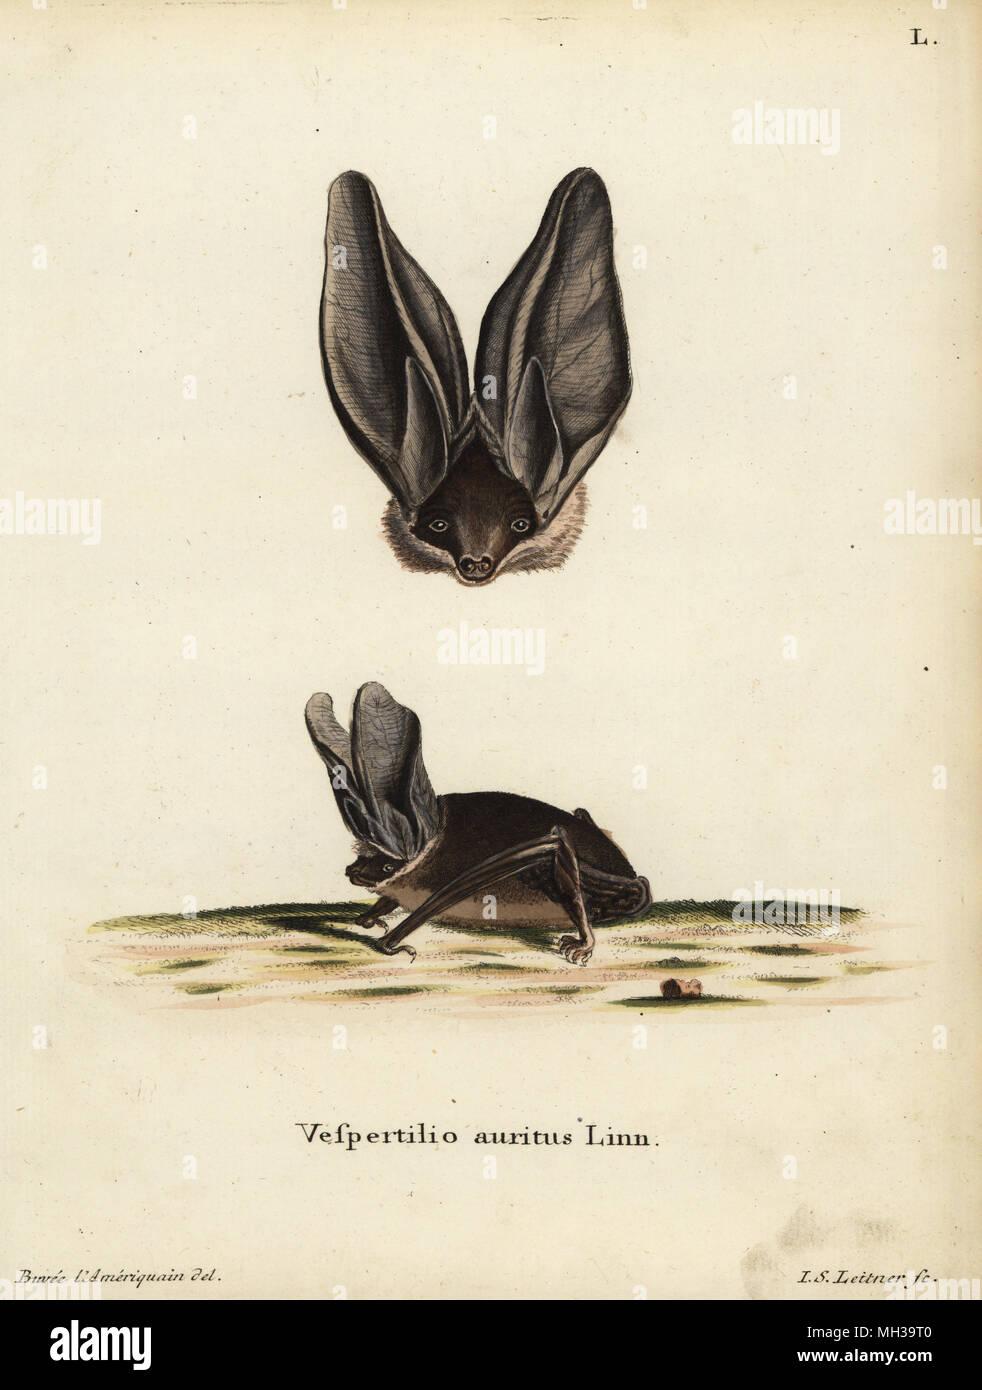 5ff5e83ace6a38 Grande chauve-souris brune, Plecotus auritus. Vespertilio auritus Linn.  Coloriée à la gravure sur cuivre de ...